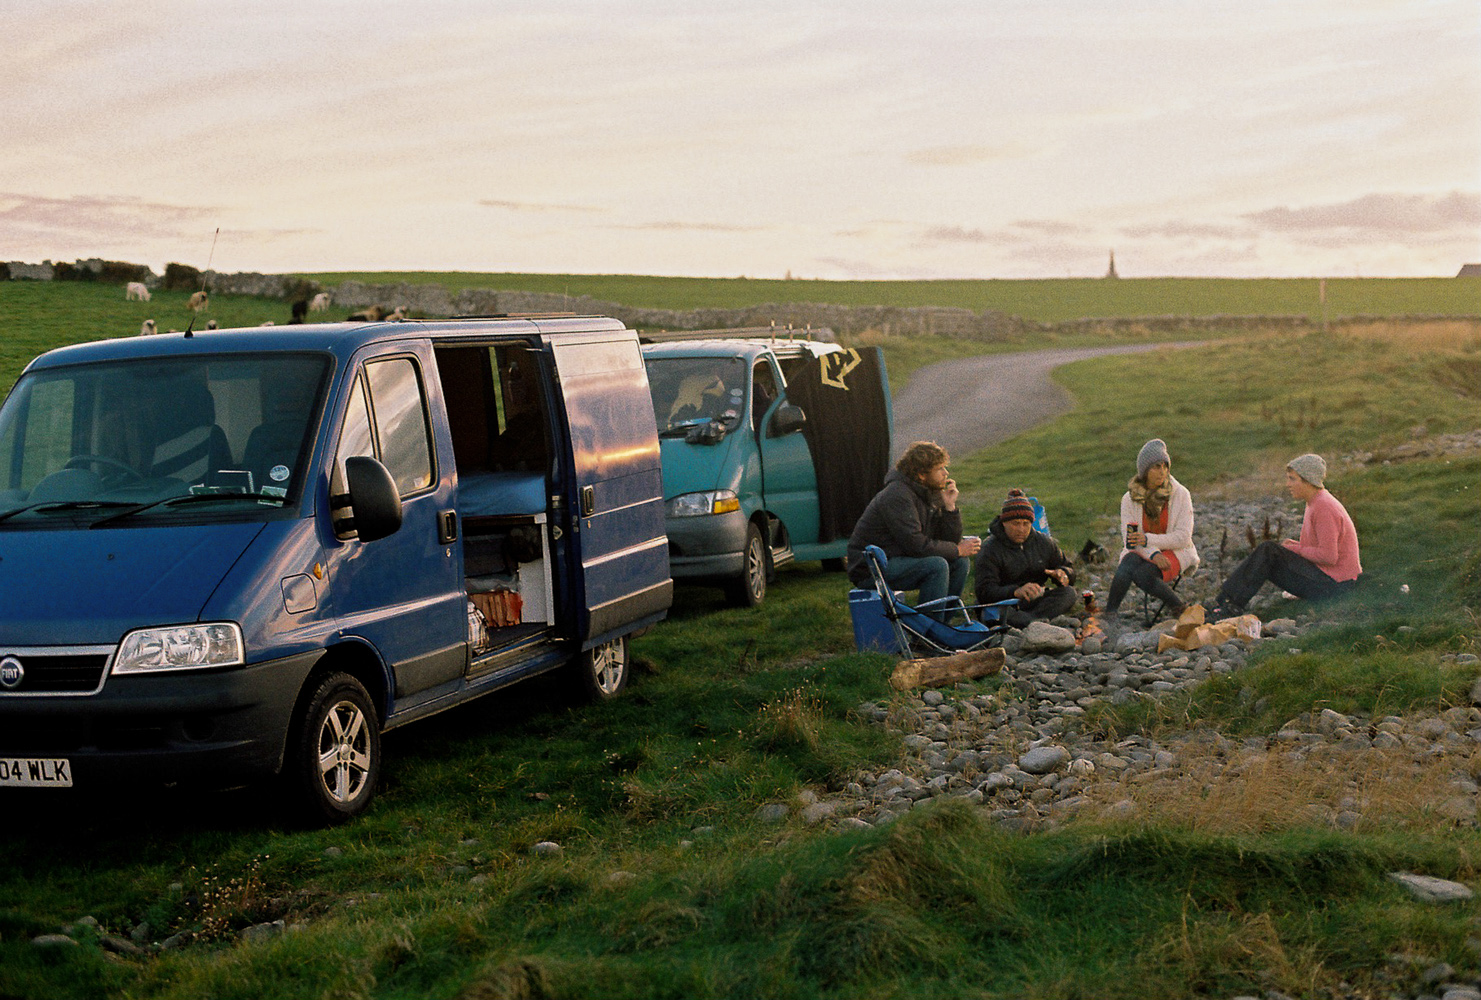 Kinfolk_Ireland-Van-Trip-Bowden-Web_01-23